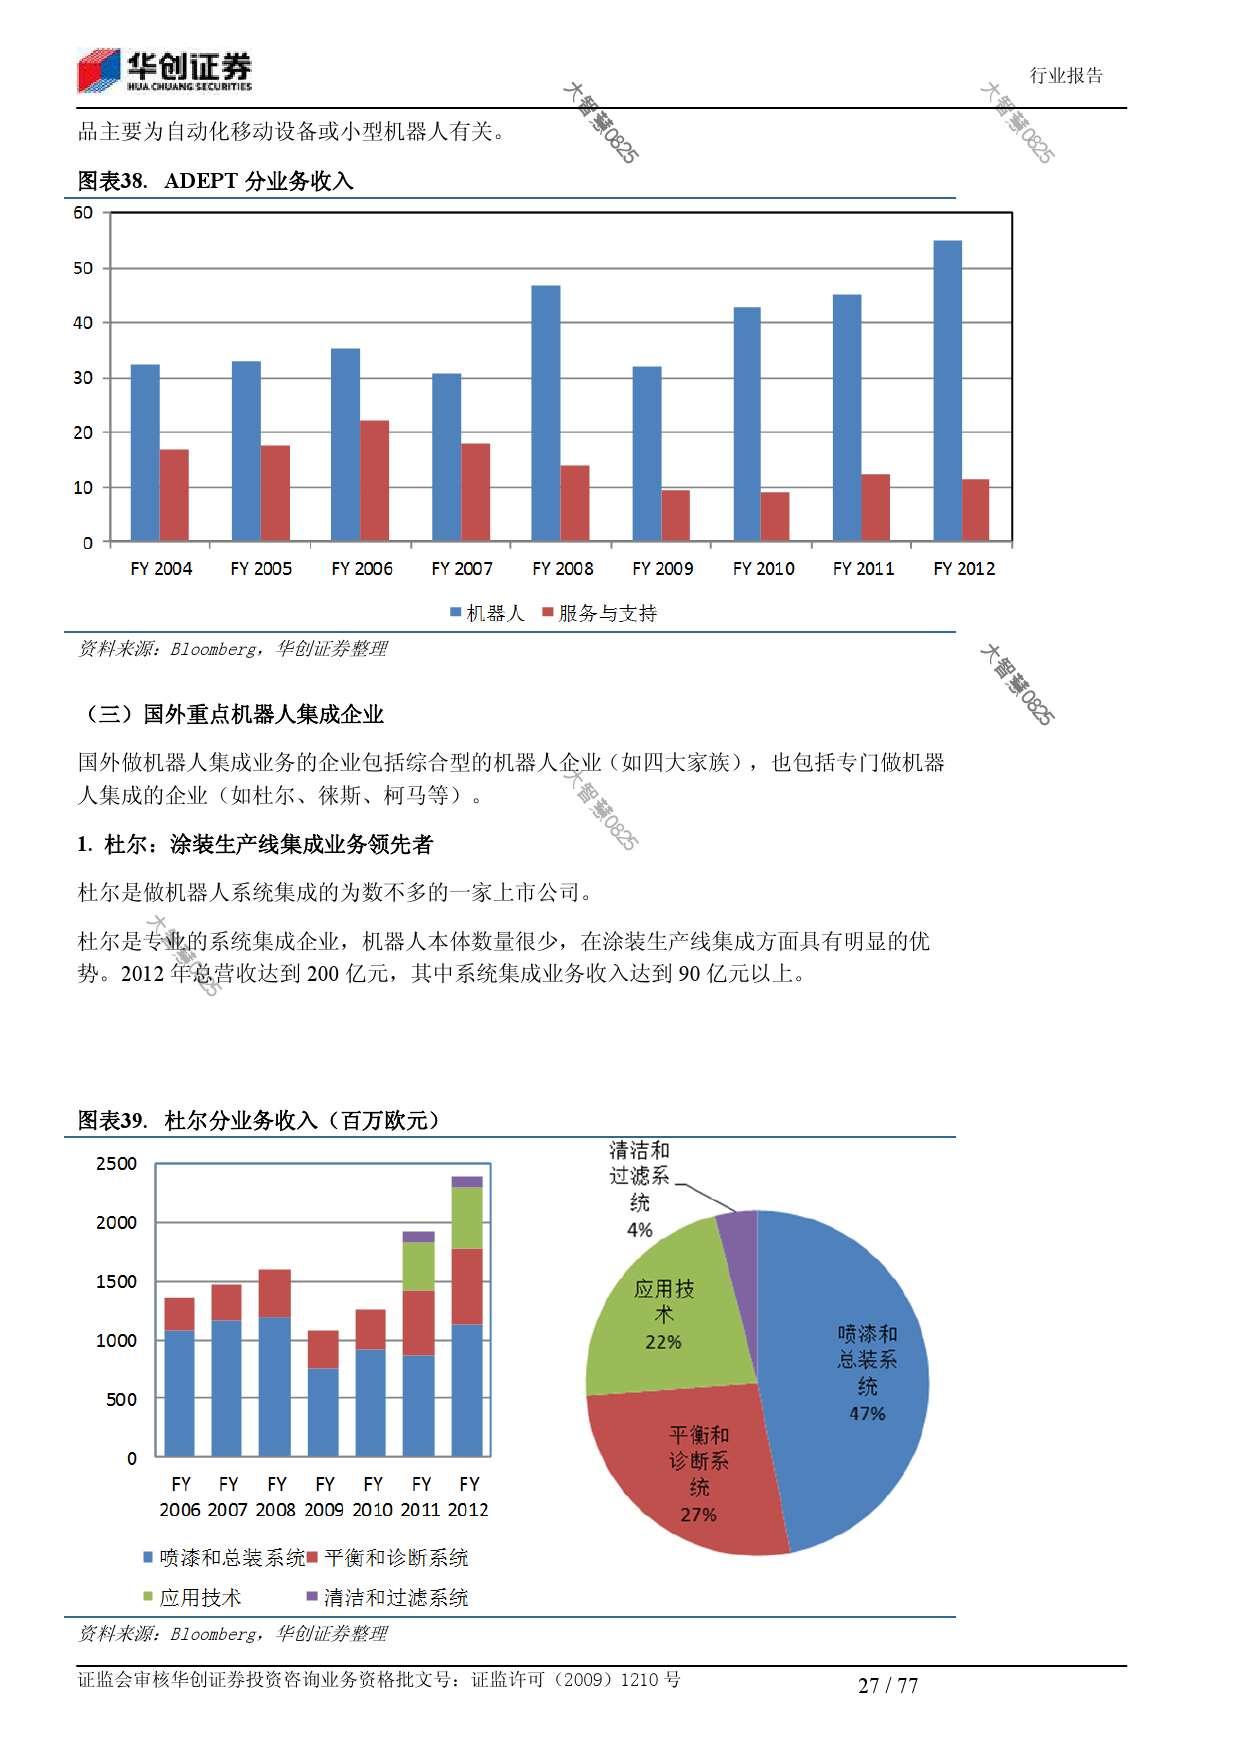 行业研究_华创证券_刘国清,鲁佩_机械设备:机器人大趋势_2014021_000027